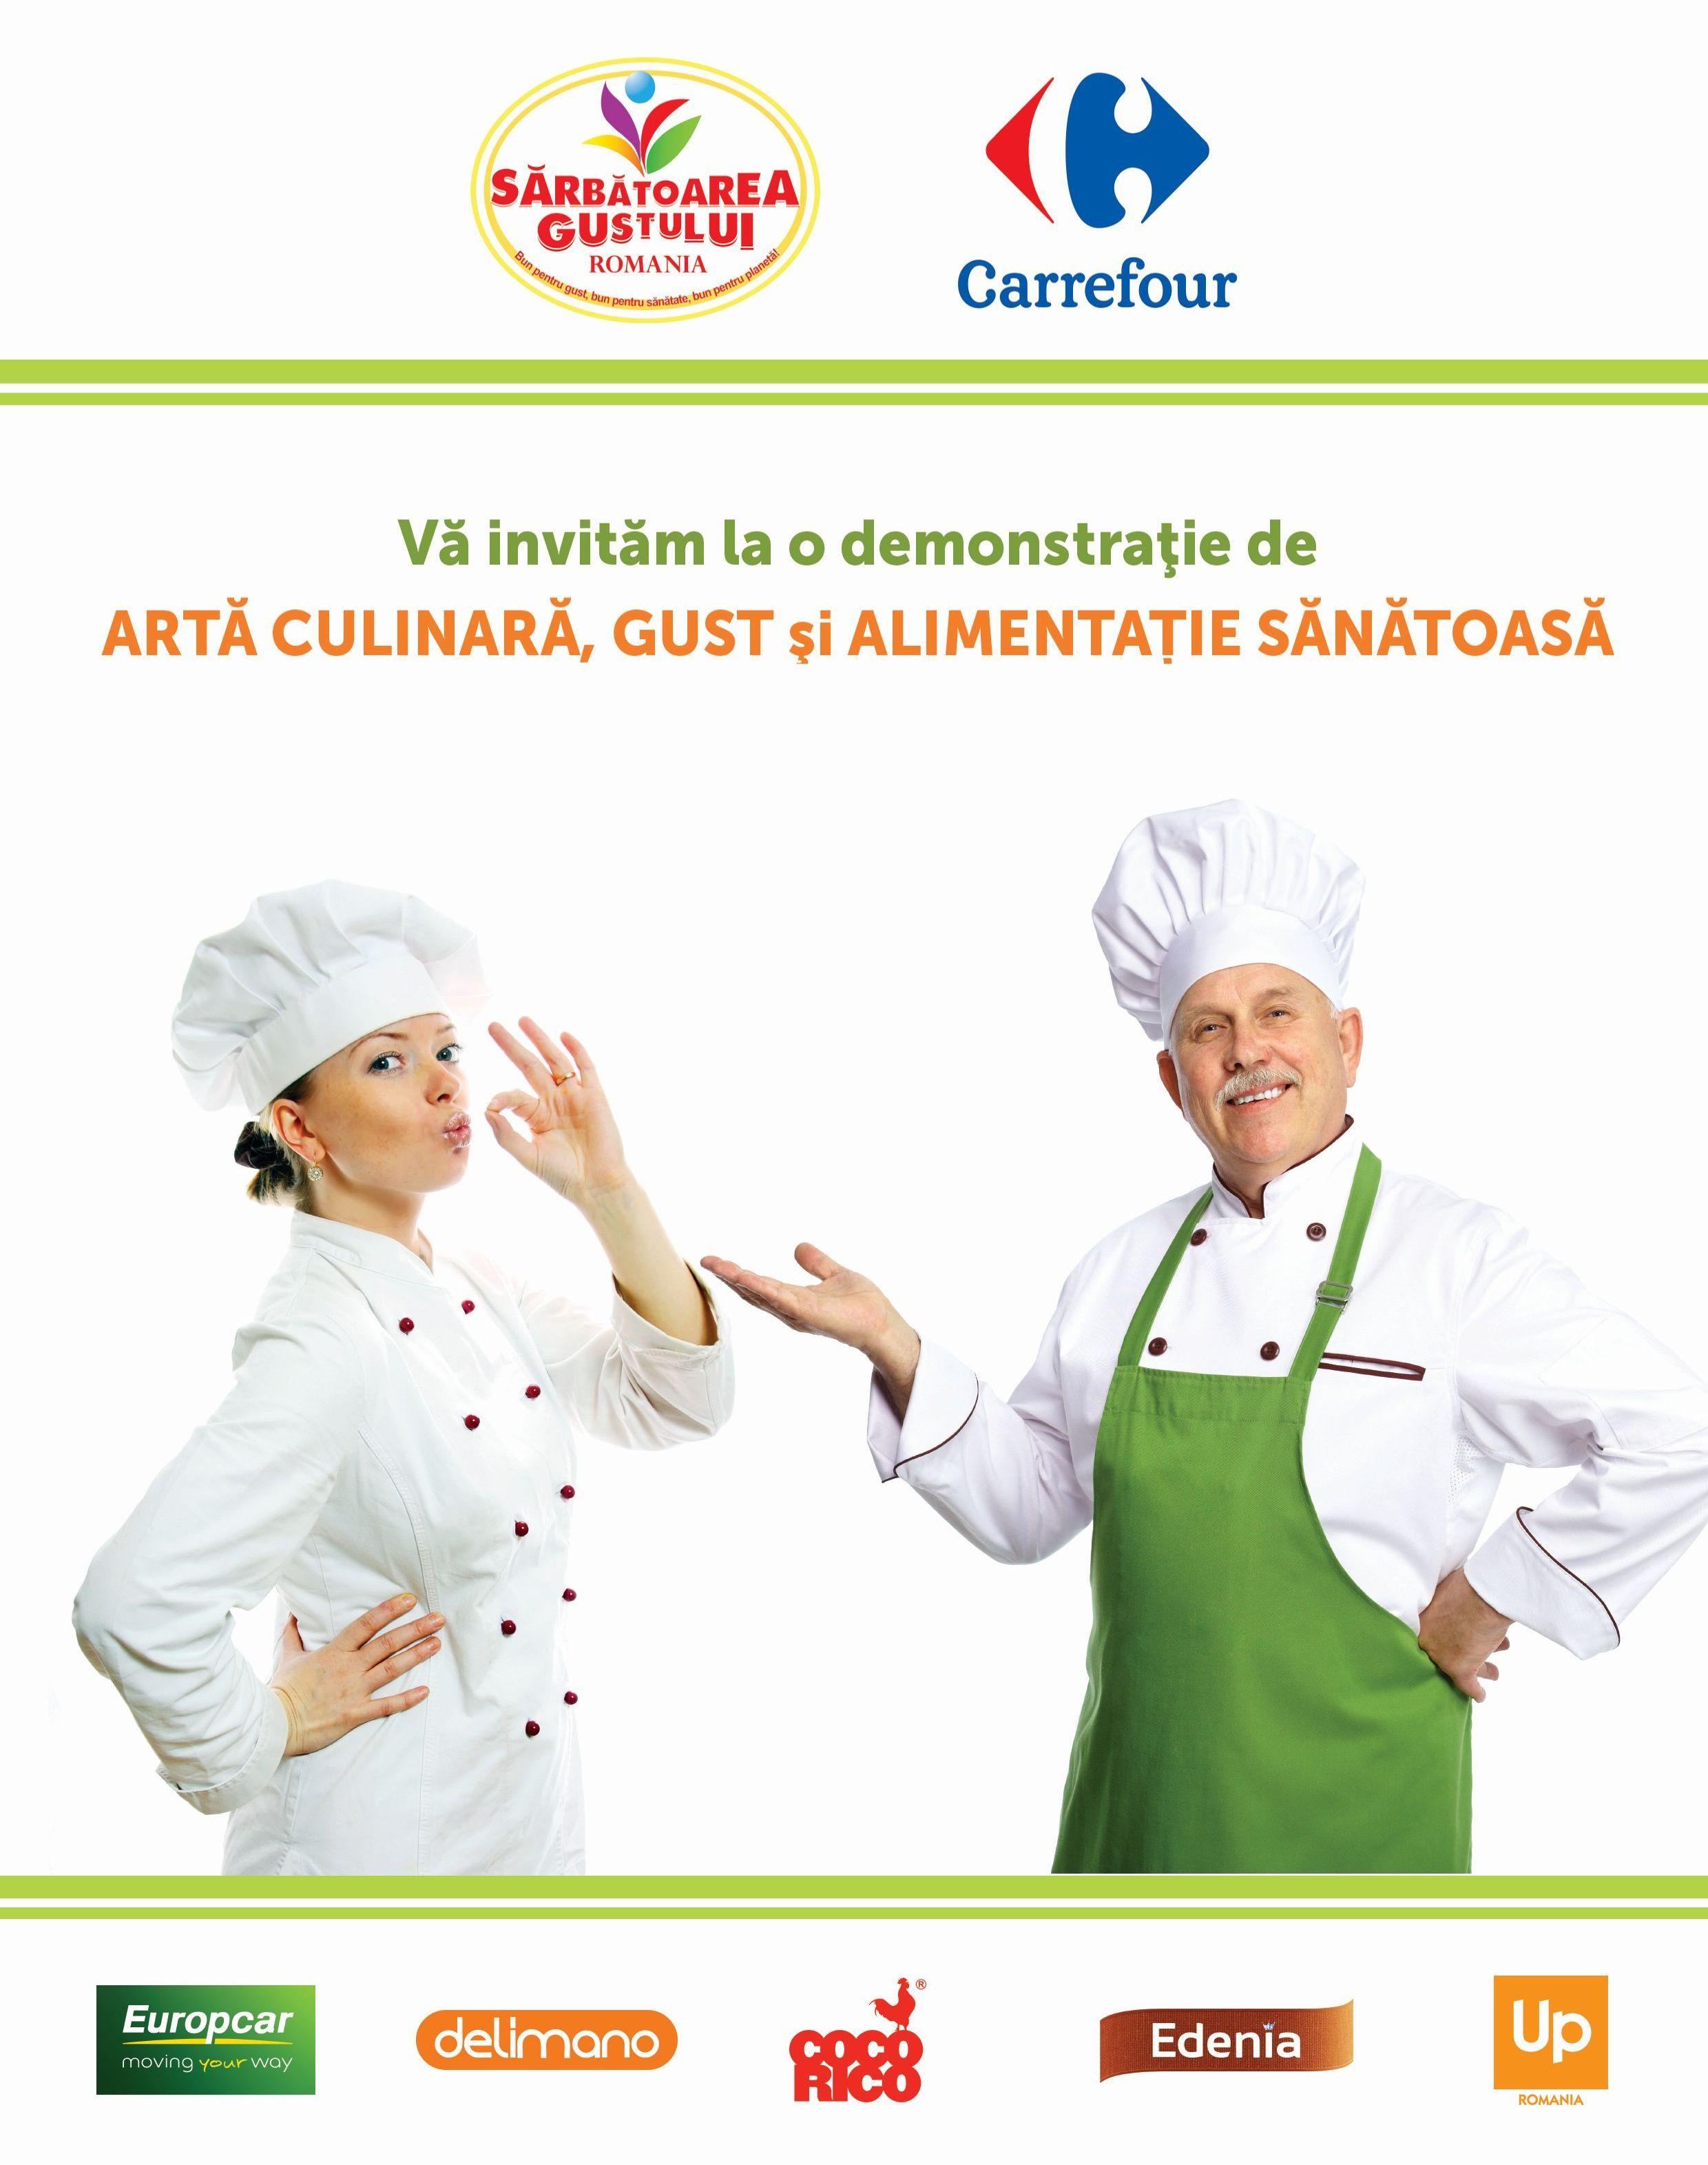 Sarbatoarea_Gustului_Carrefour